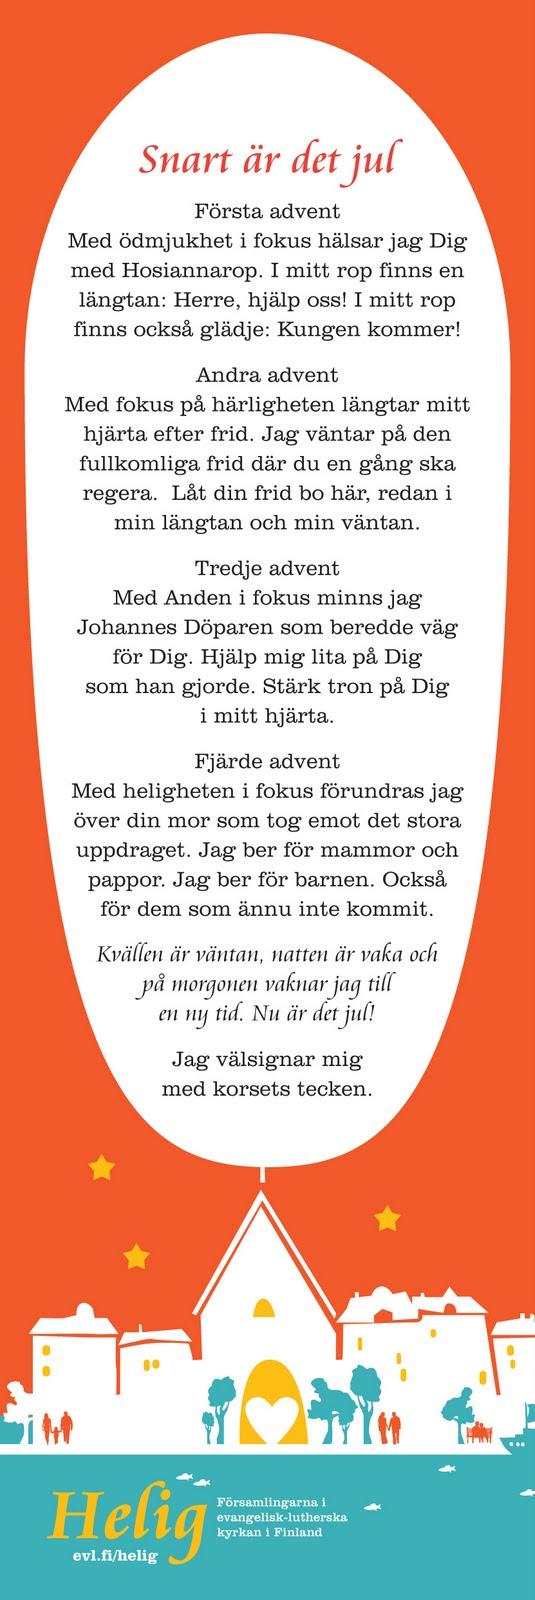 ilmainen på svenska